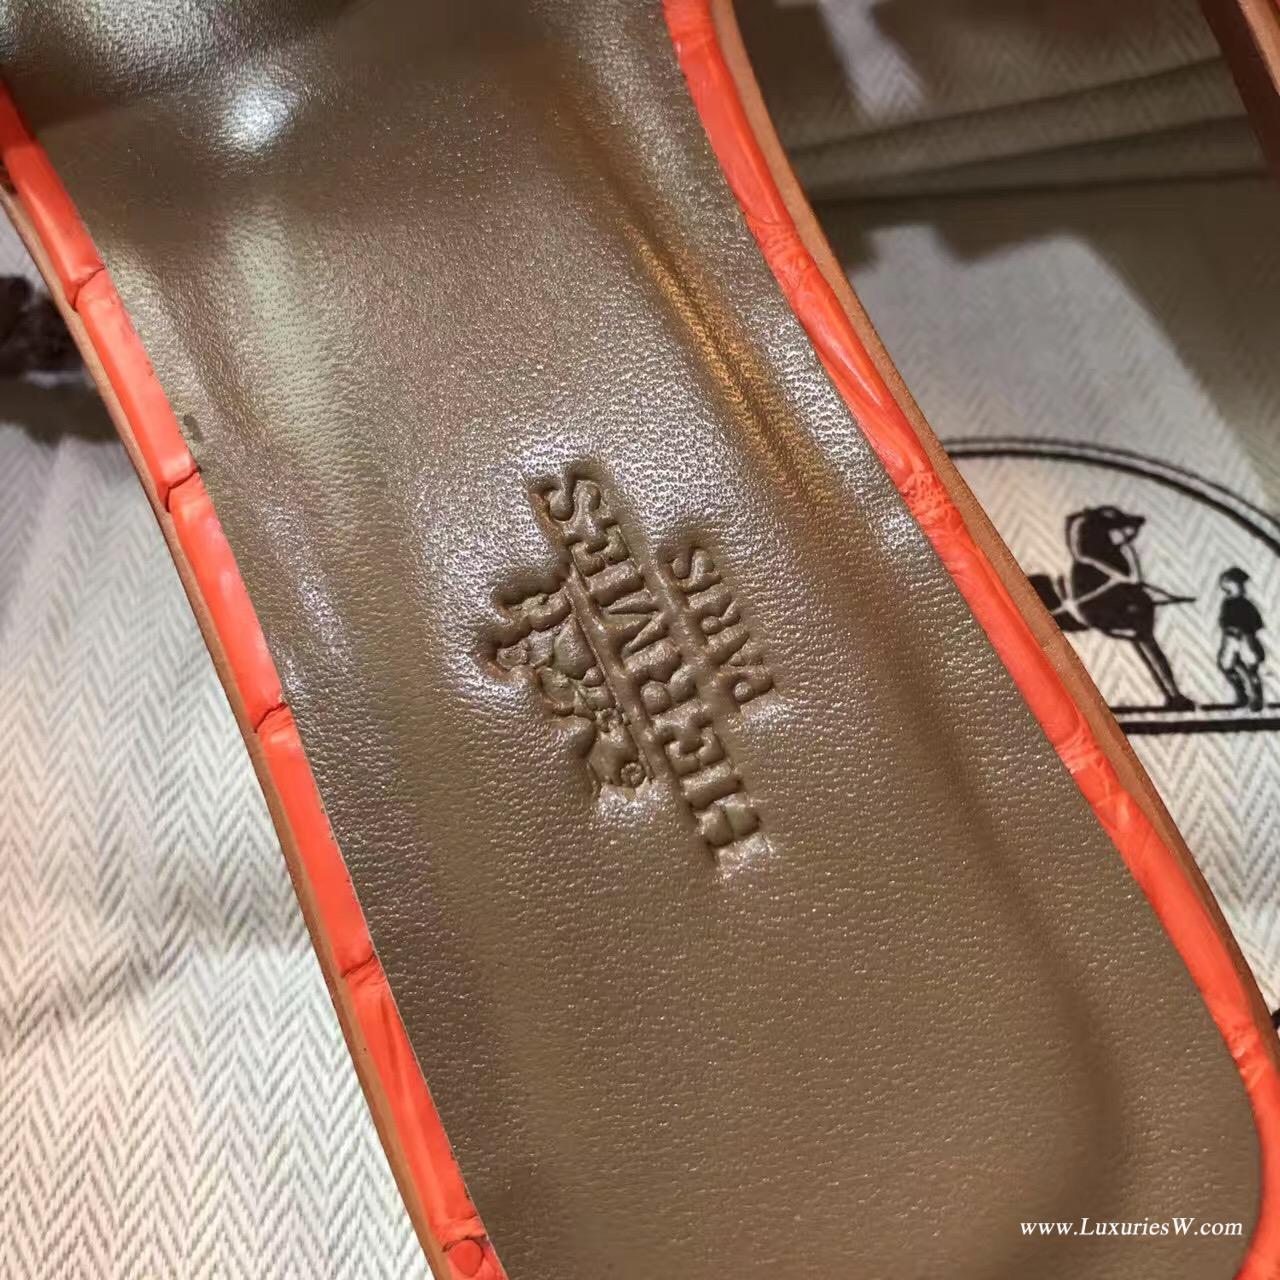 愛馬仕Hermes女士涼鞋 H型拖鞋 鱷魚霧面 9J Fen火焰橙中跟 平底涼拖鞋